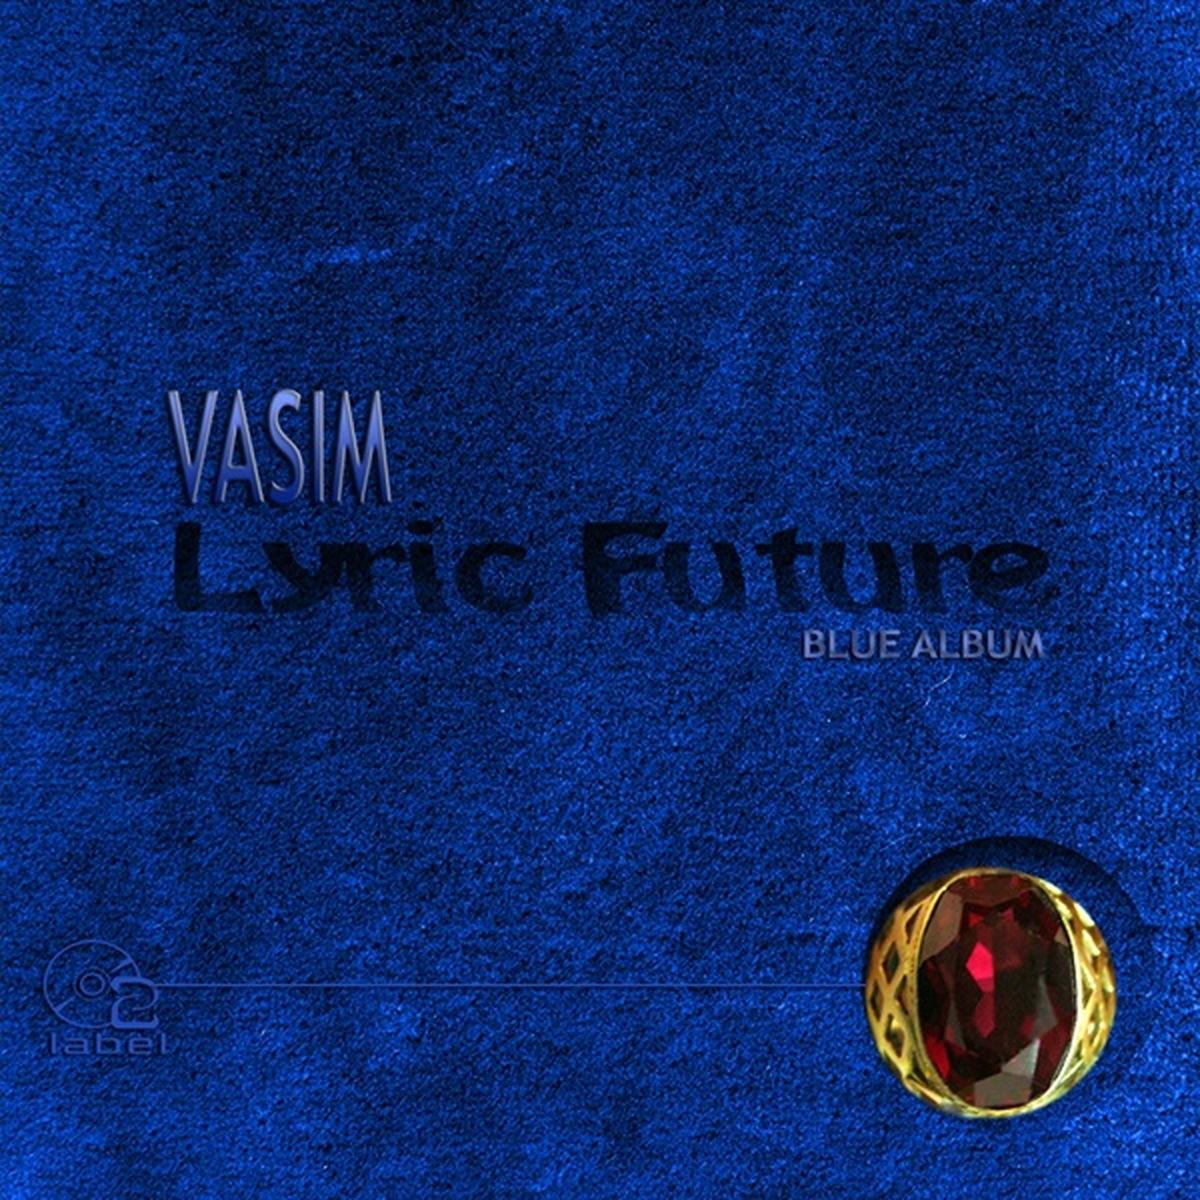 Lyric Future Vasim CD cover